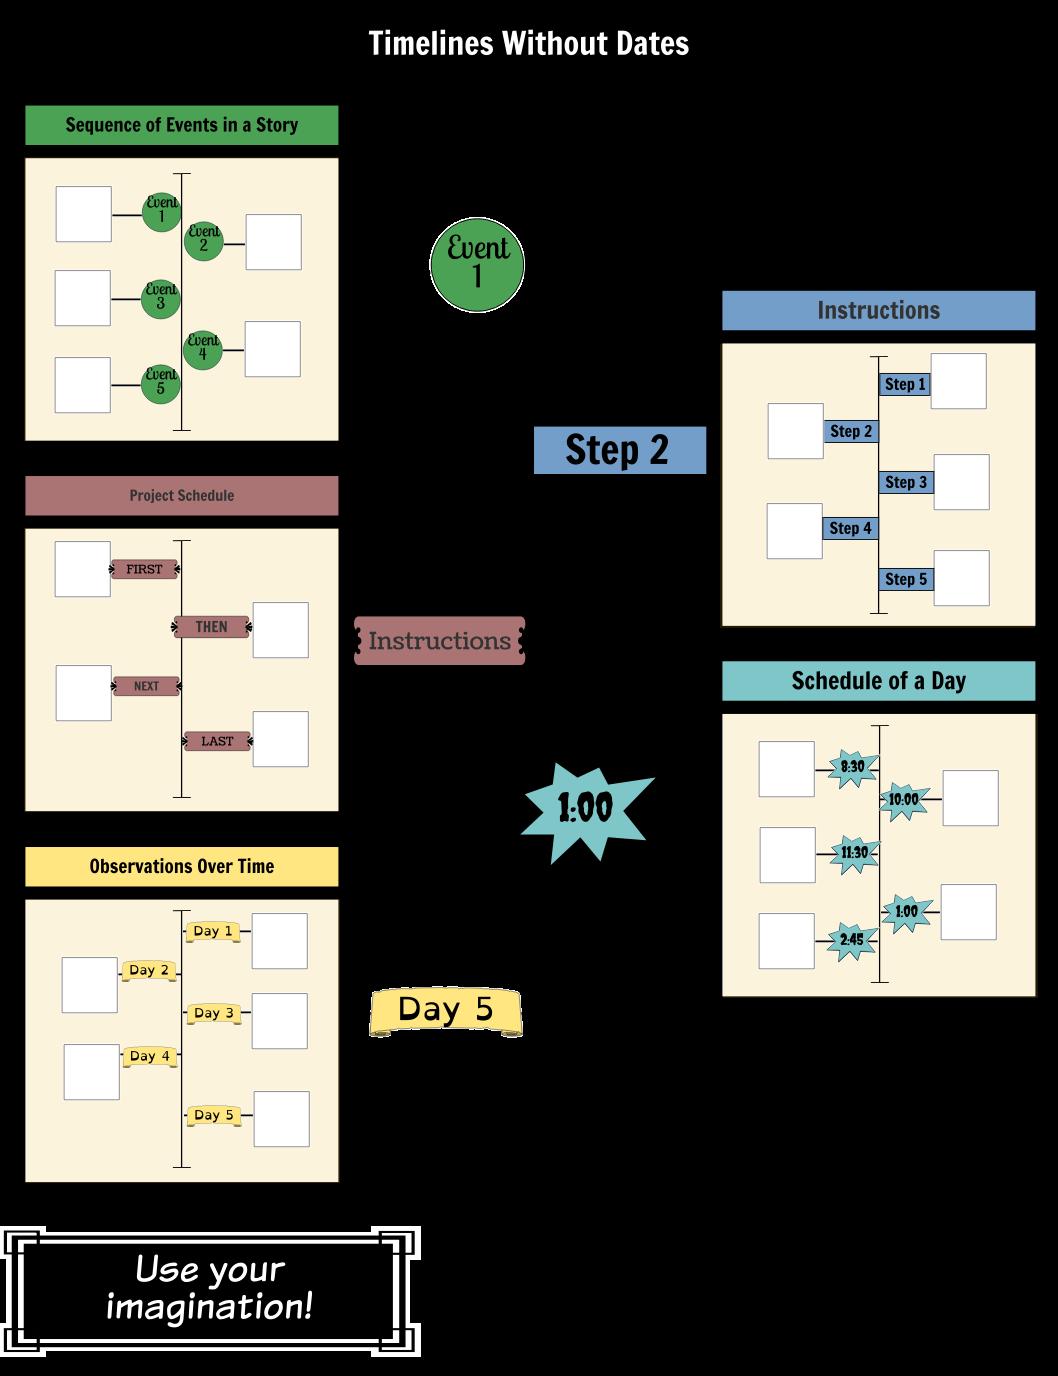 Timeline Template Maker | Reihenfolge der Ereignisse ...